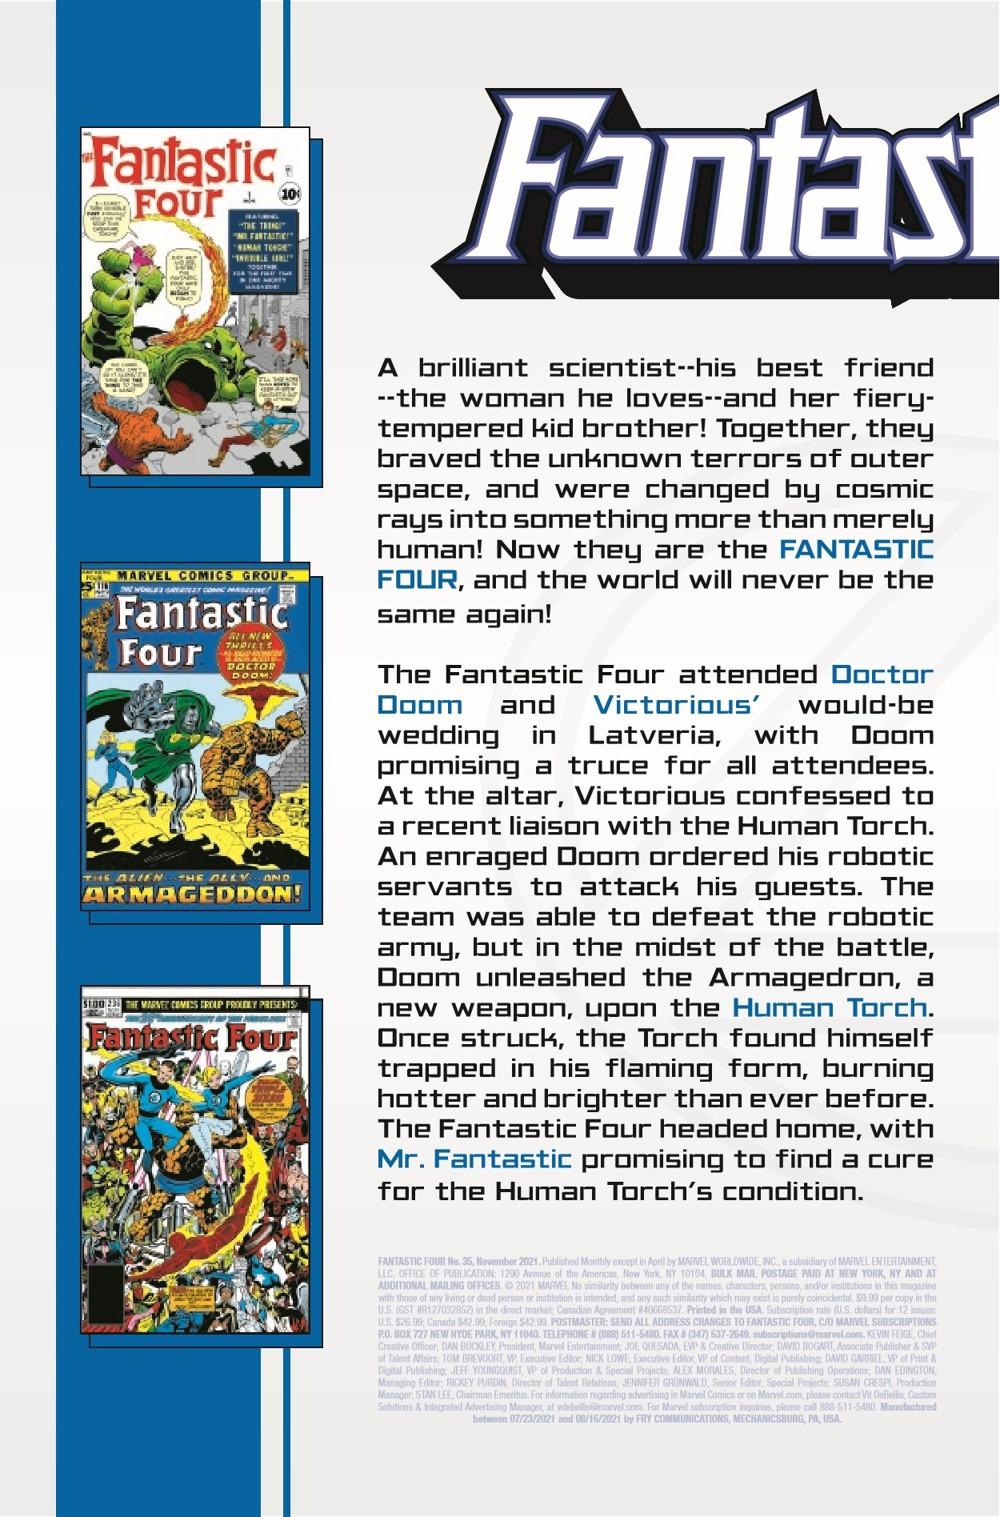 FF2018035_Preview-2 ComicList Previews: FANTASTIC FOUR #35